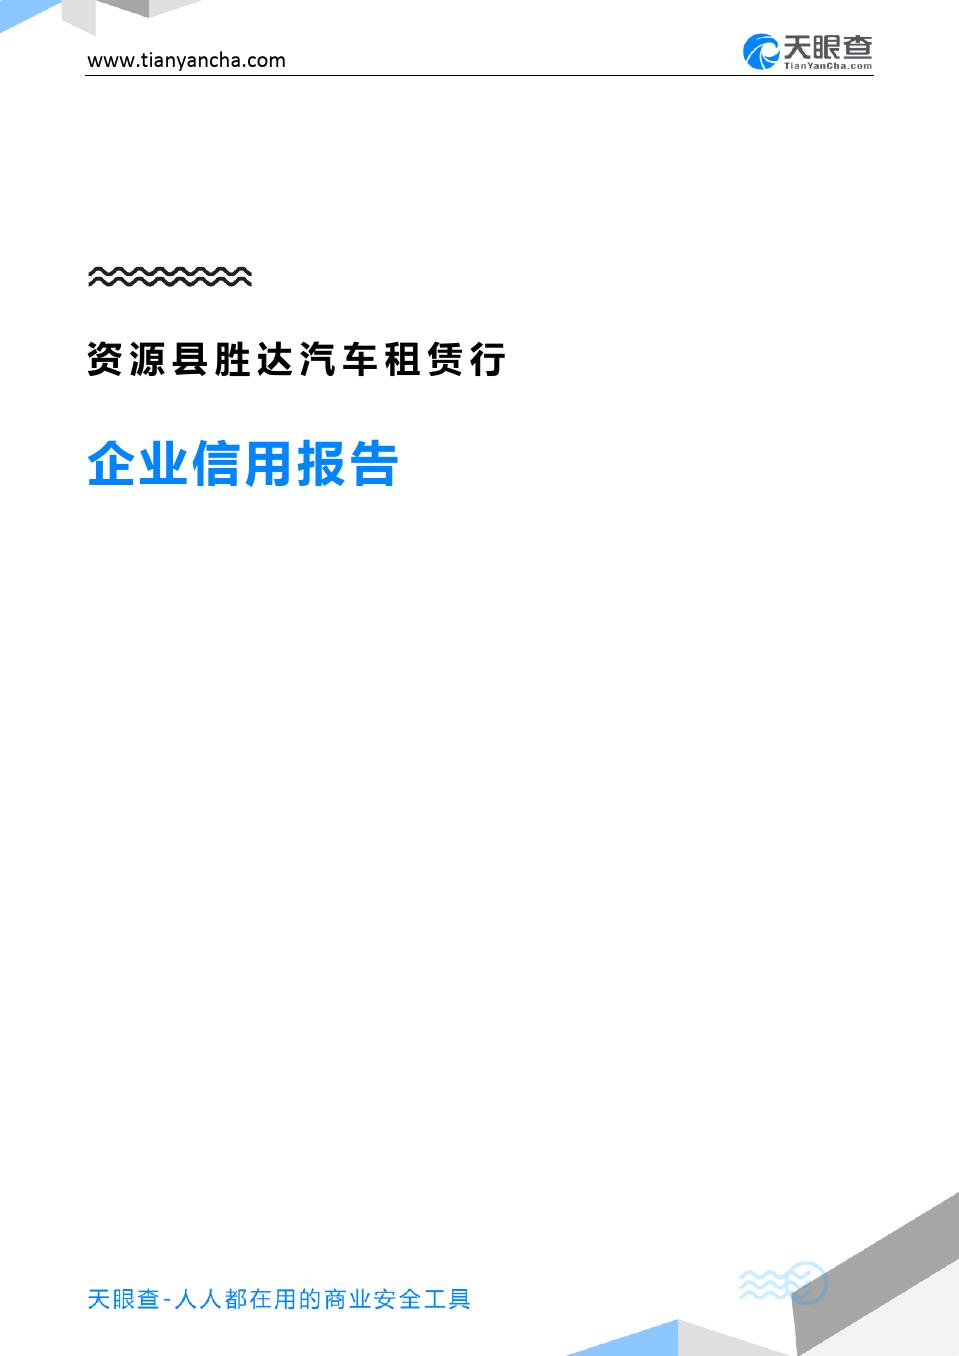 资源县胜达汽车租赁行(企业信用报告)- 天眼查